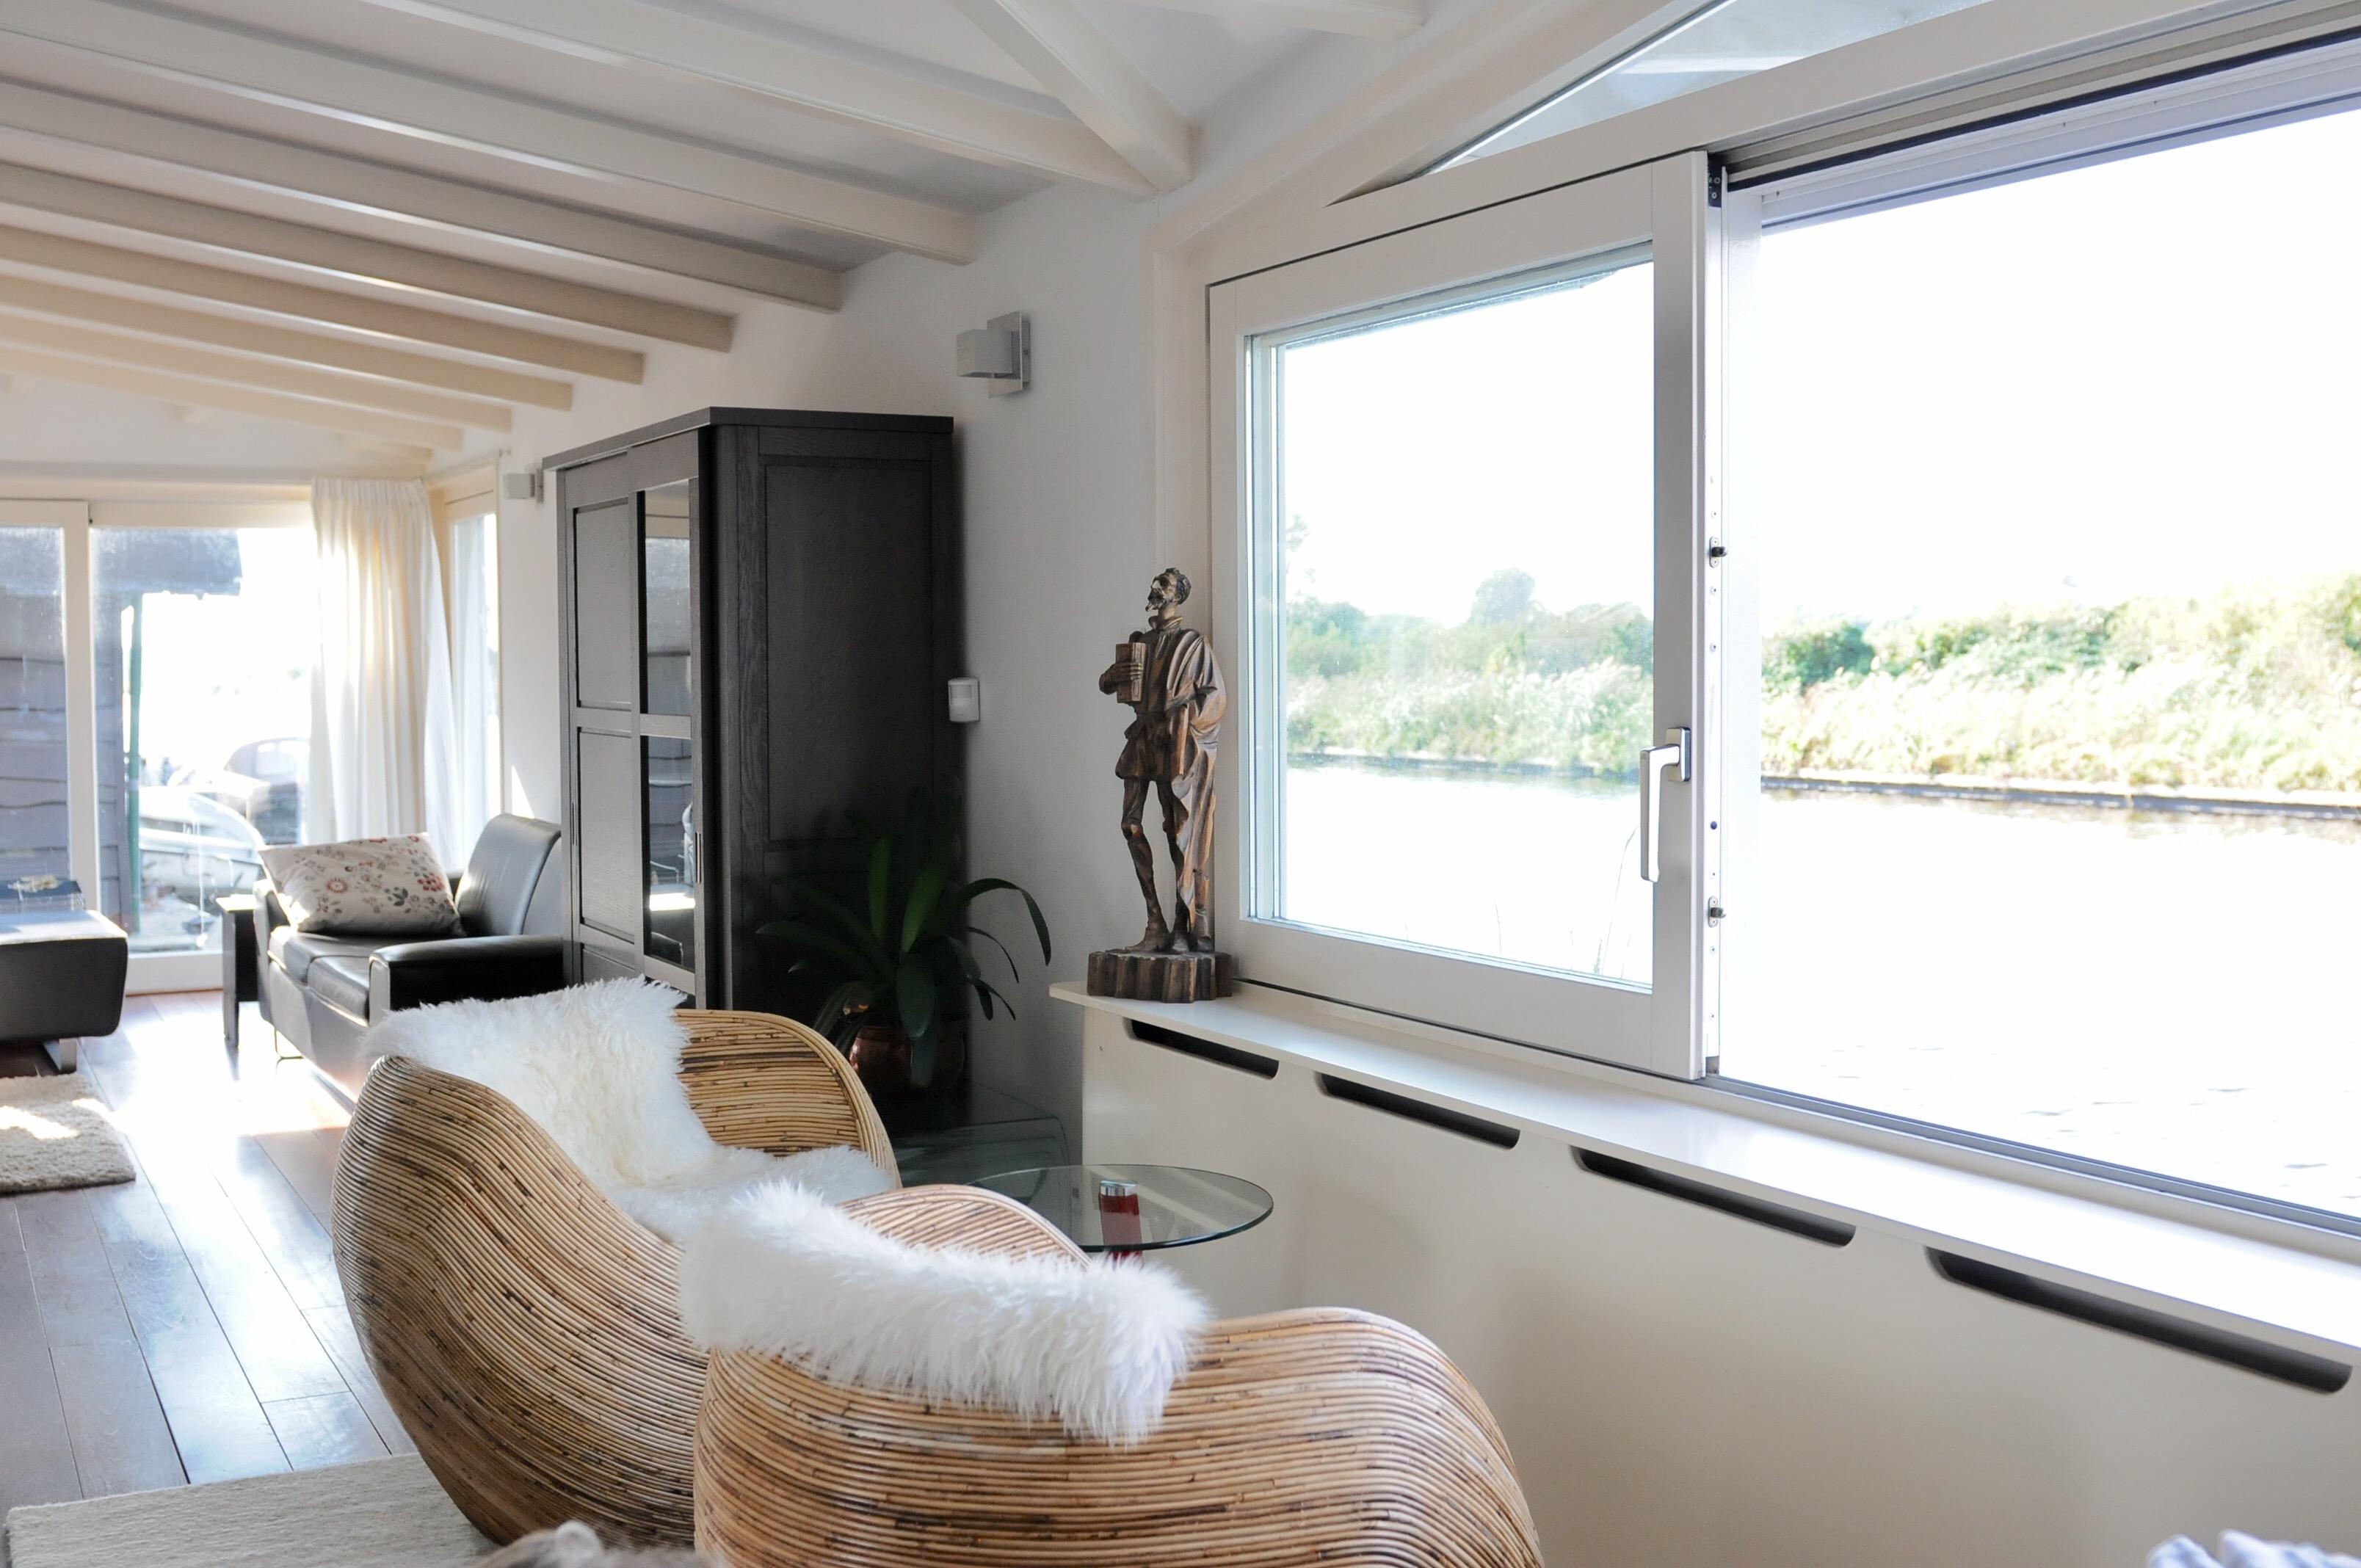 Ringvaart Cruquiusdijk 242, Vijfhuizen